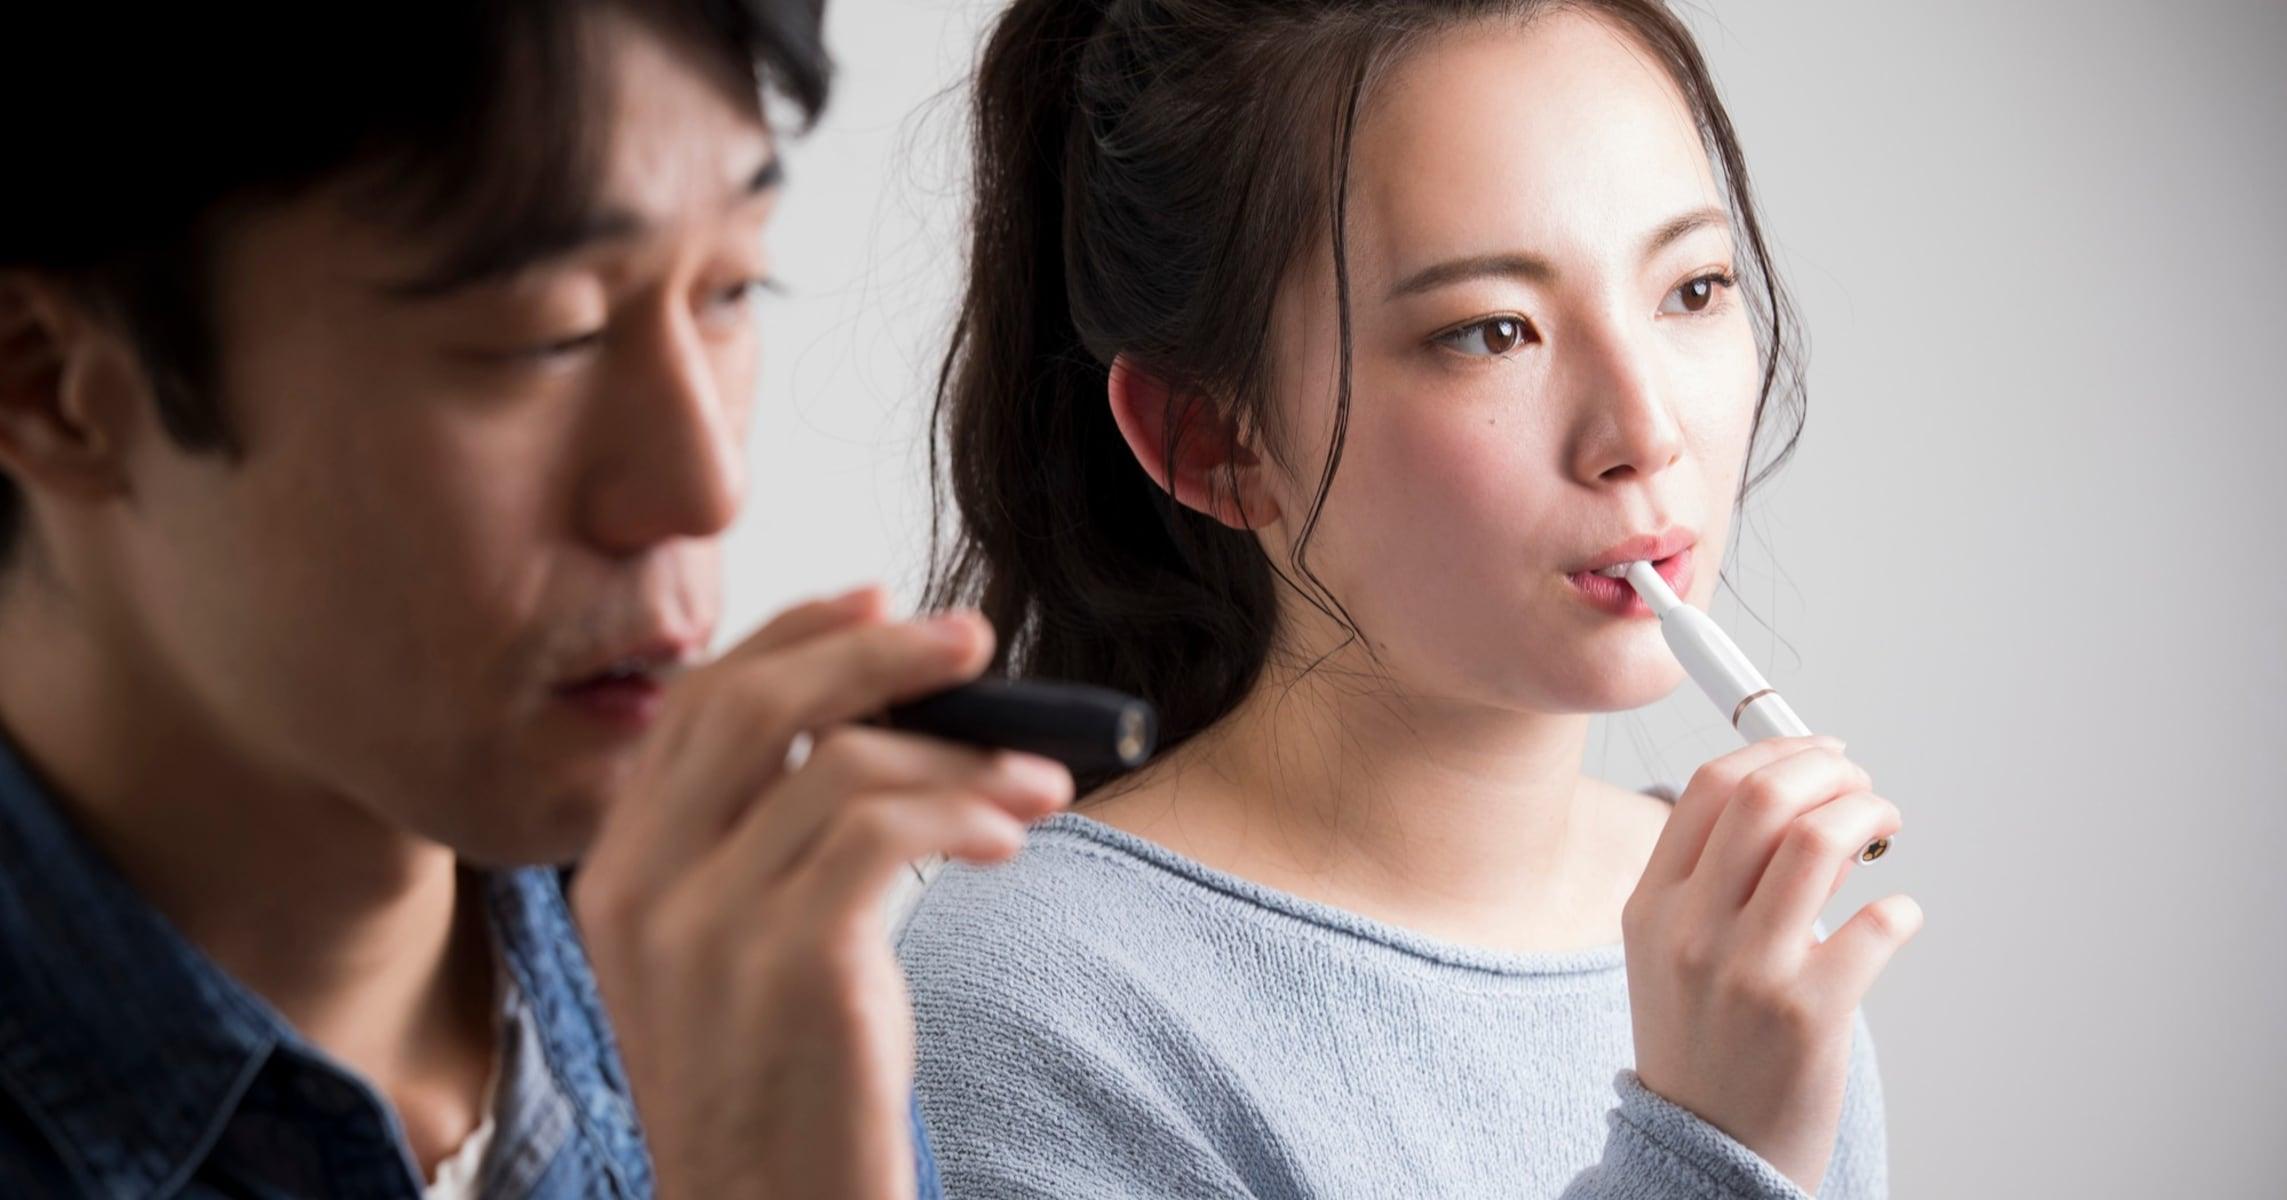 医師が問診で喫煙歴を聞くと、電子タバコに関してこう答える人が多いらしい…